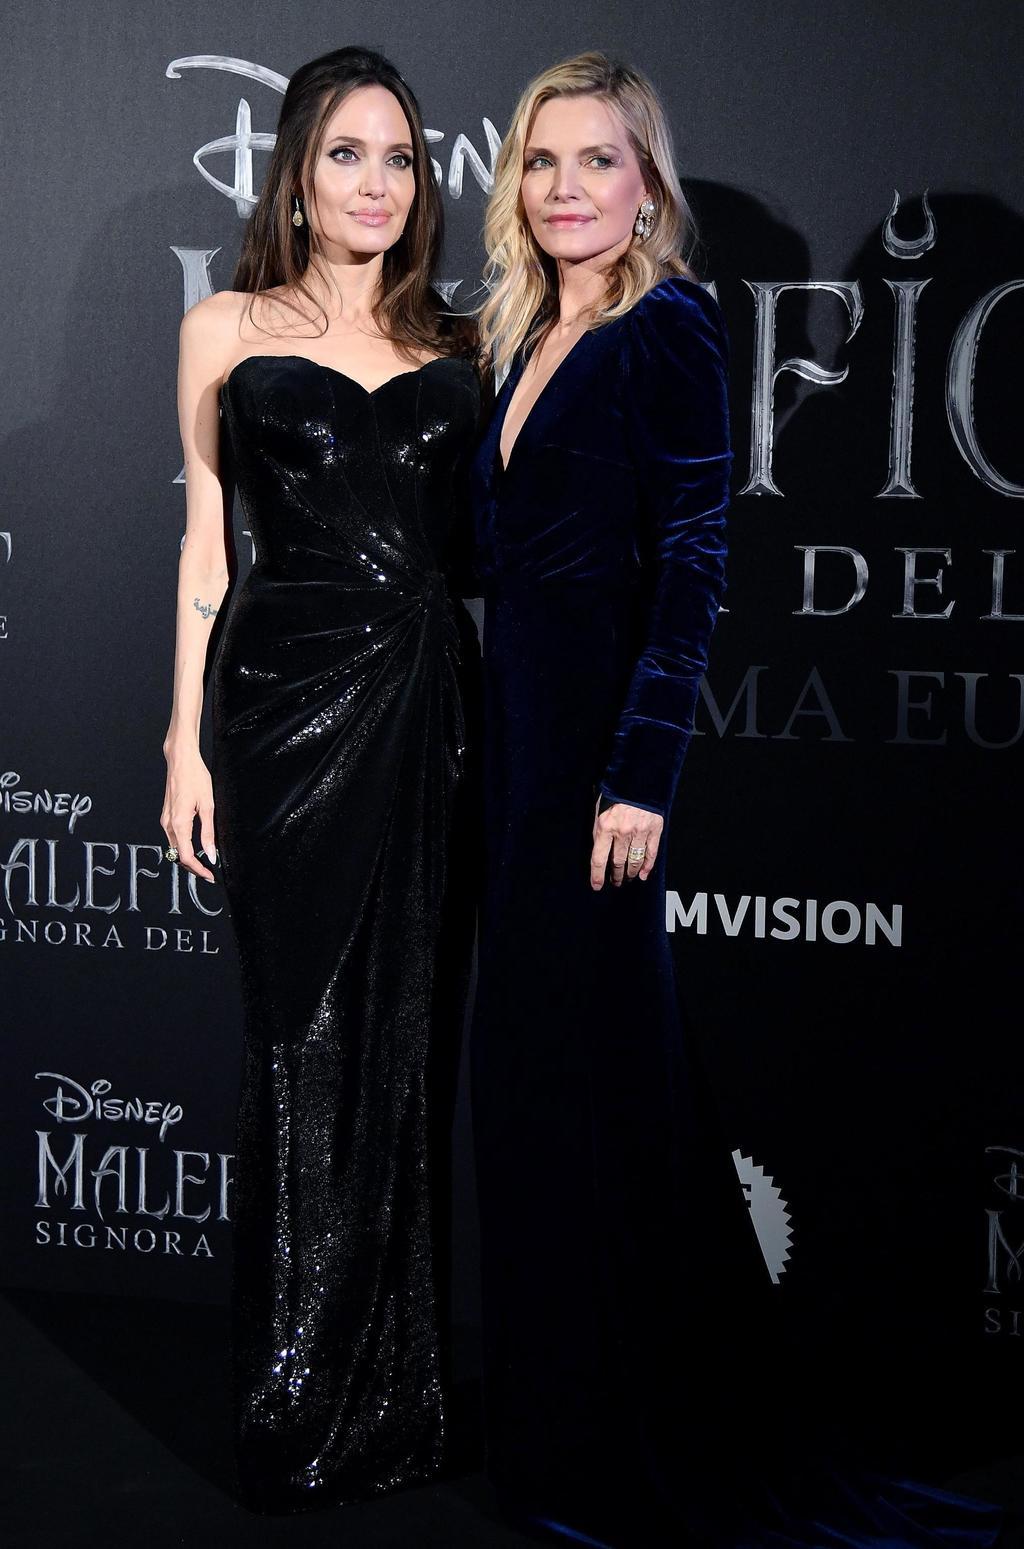 Embrujan Roma En Estreno De Maleficent El Siglo De Torreon